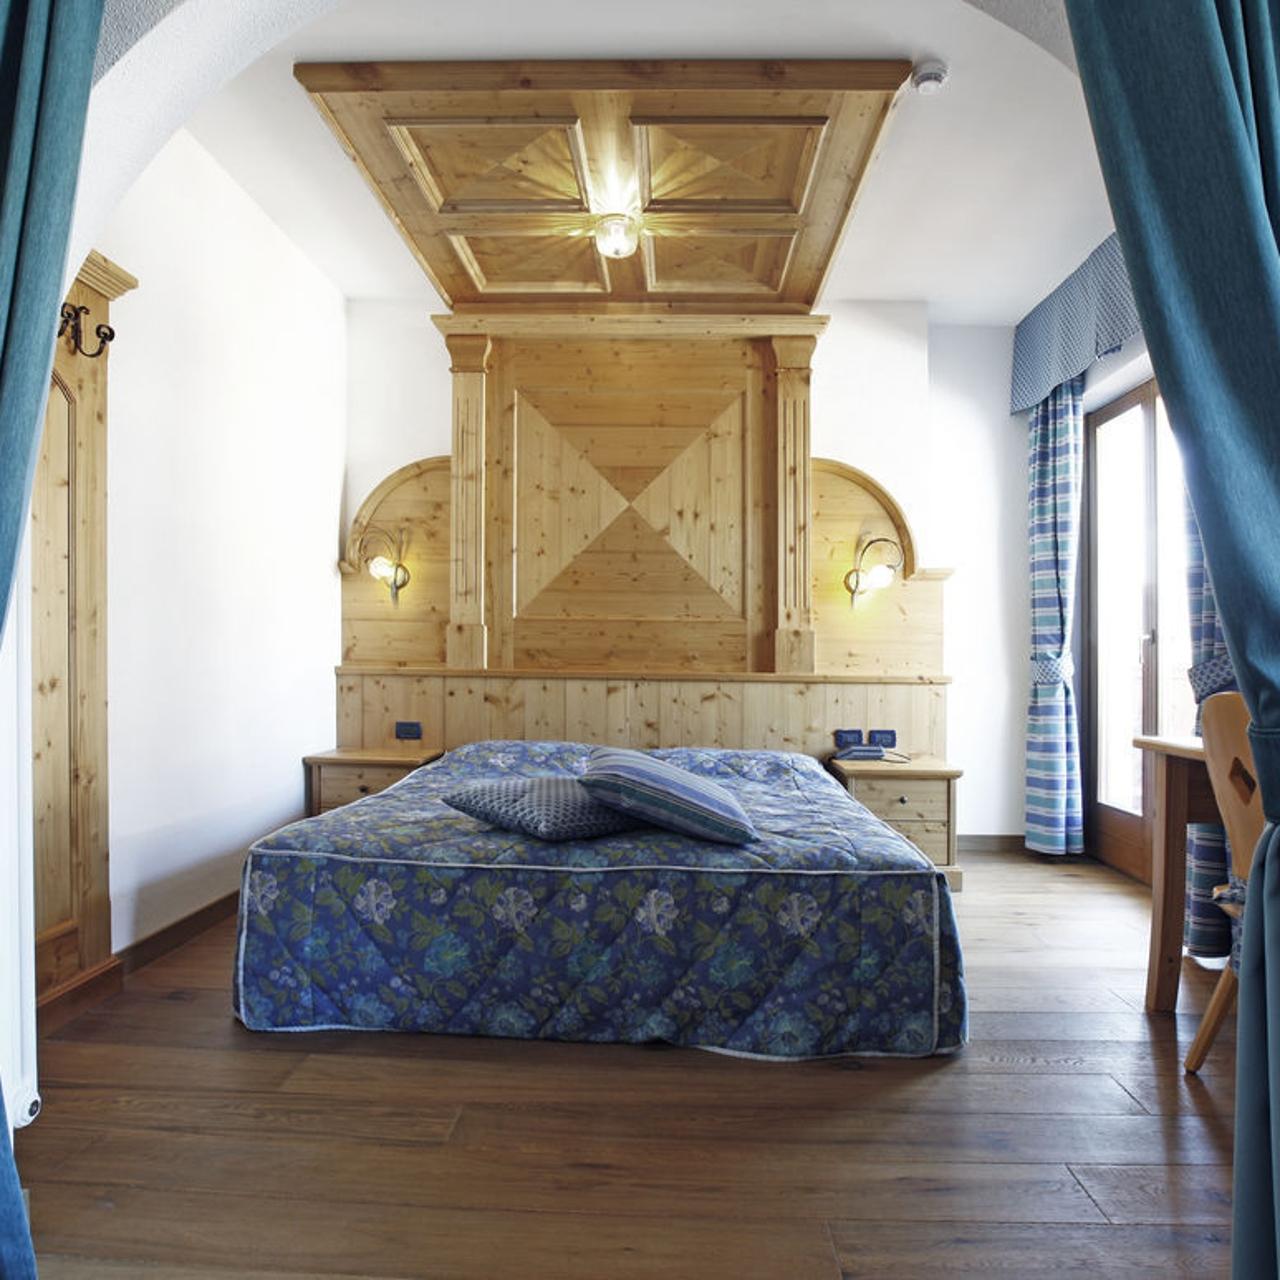 Dolce Casa Family Hotel Spa 4 Hrs Star Hotel In Moena Trentino Alto Adige